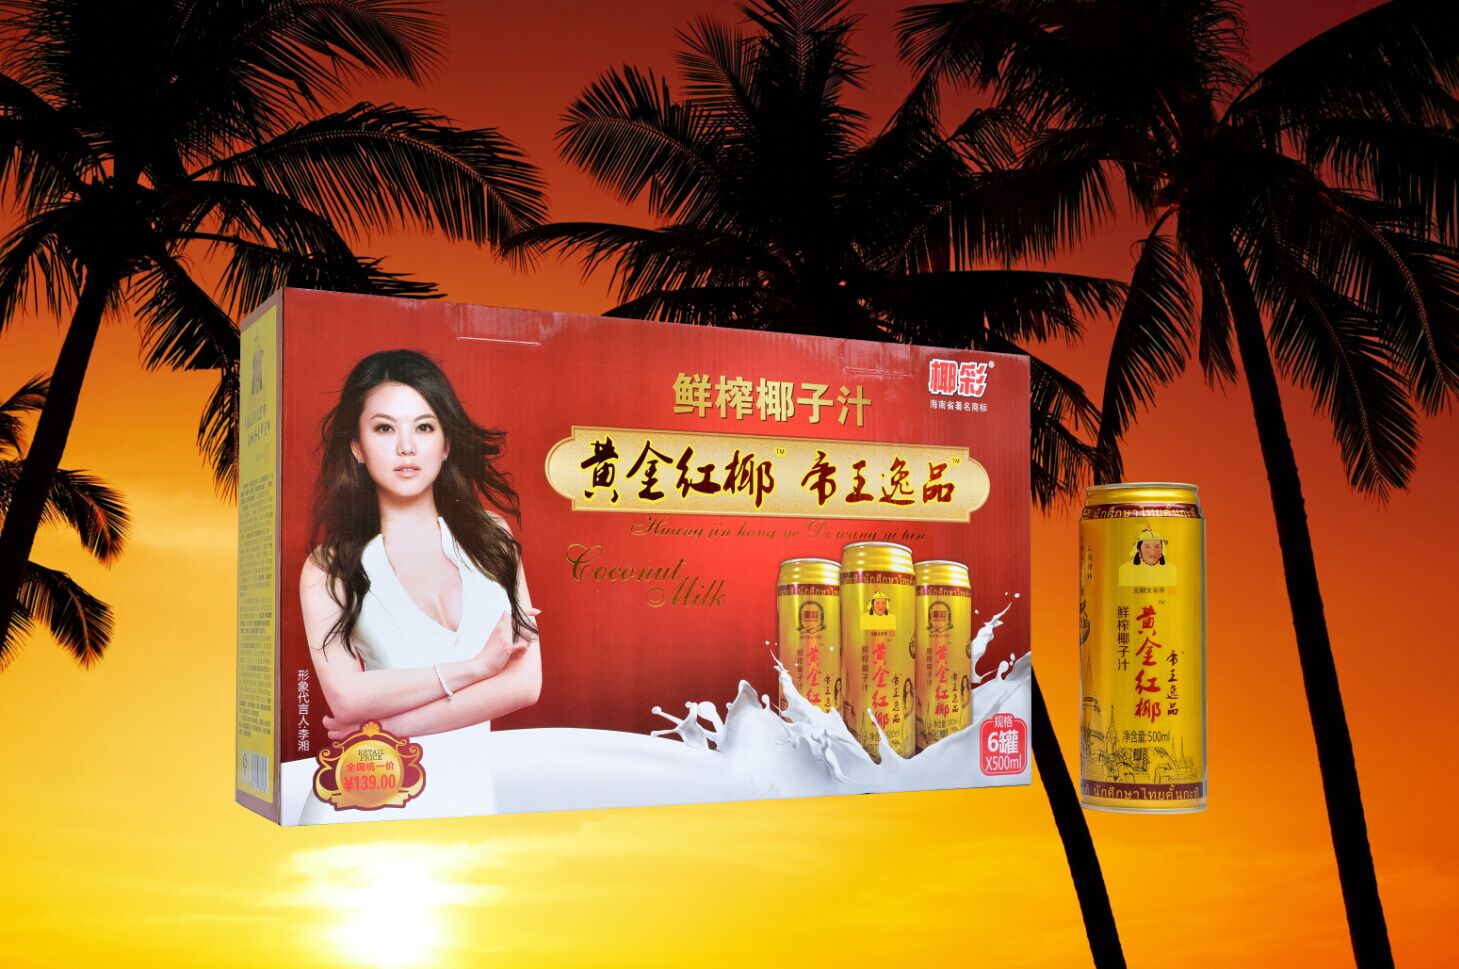 海南特产——黄金红椰鲜榨椰汁(礼盒装)